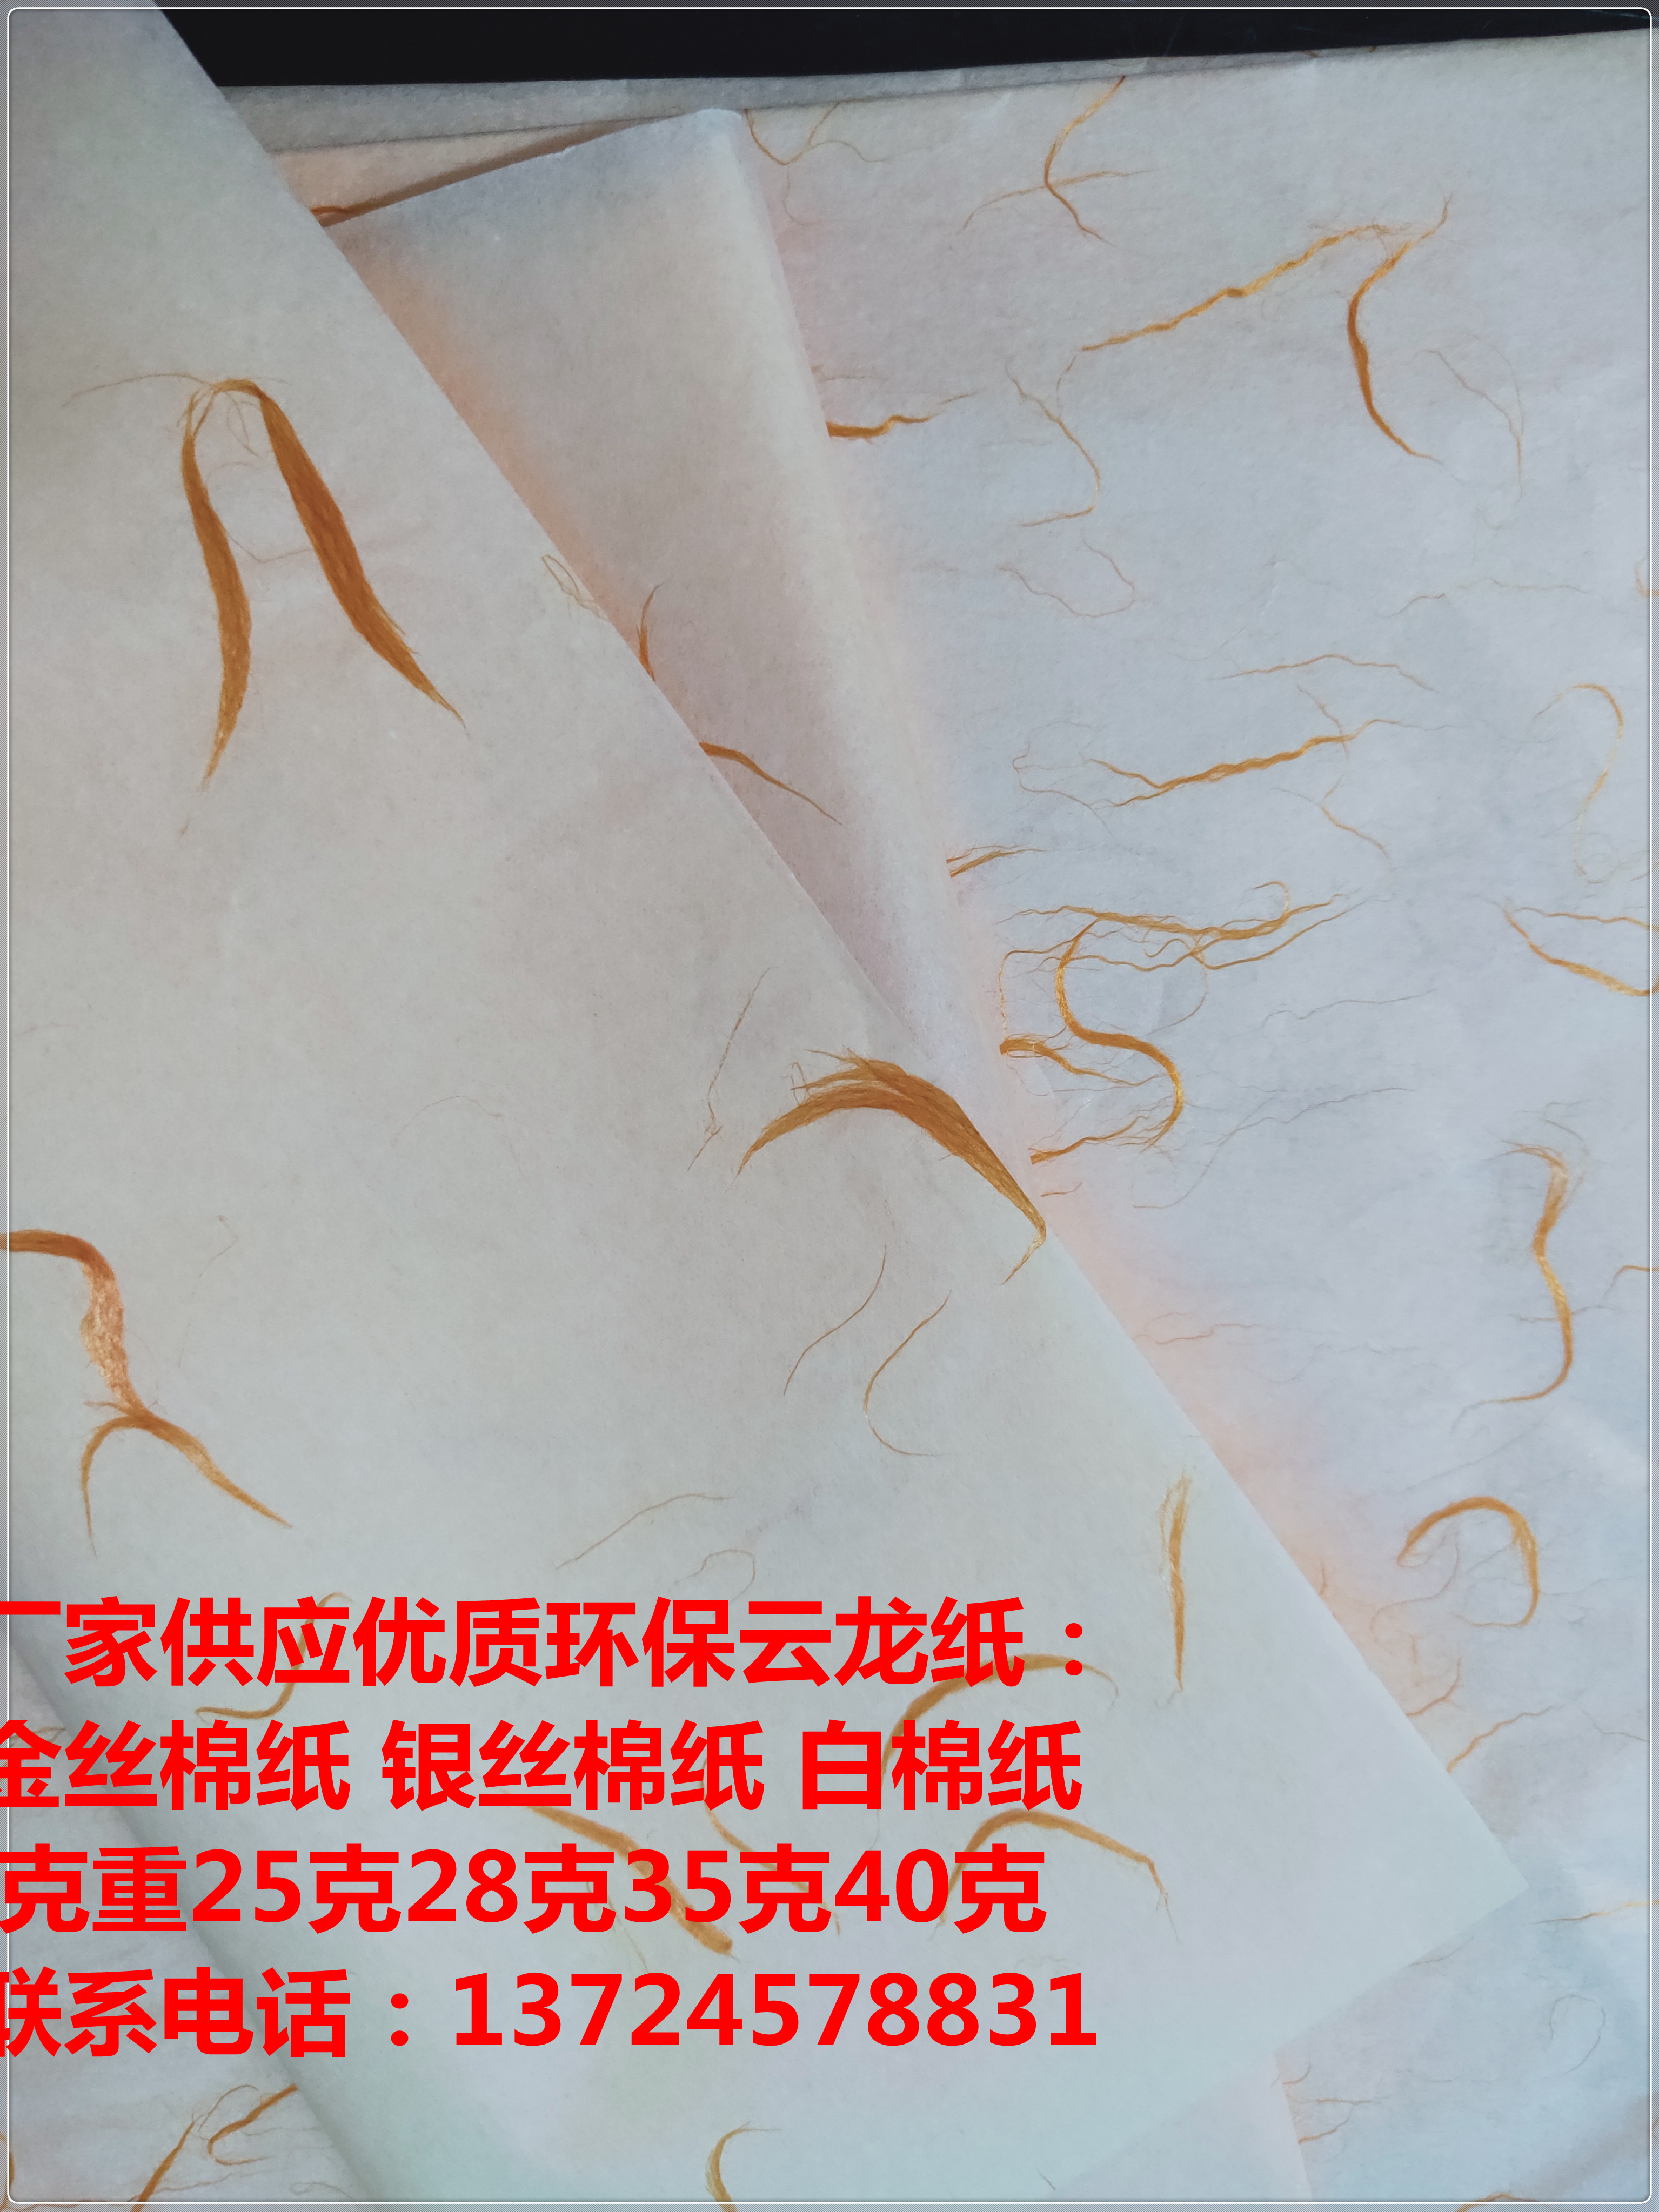 茶业包装棉纸